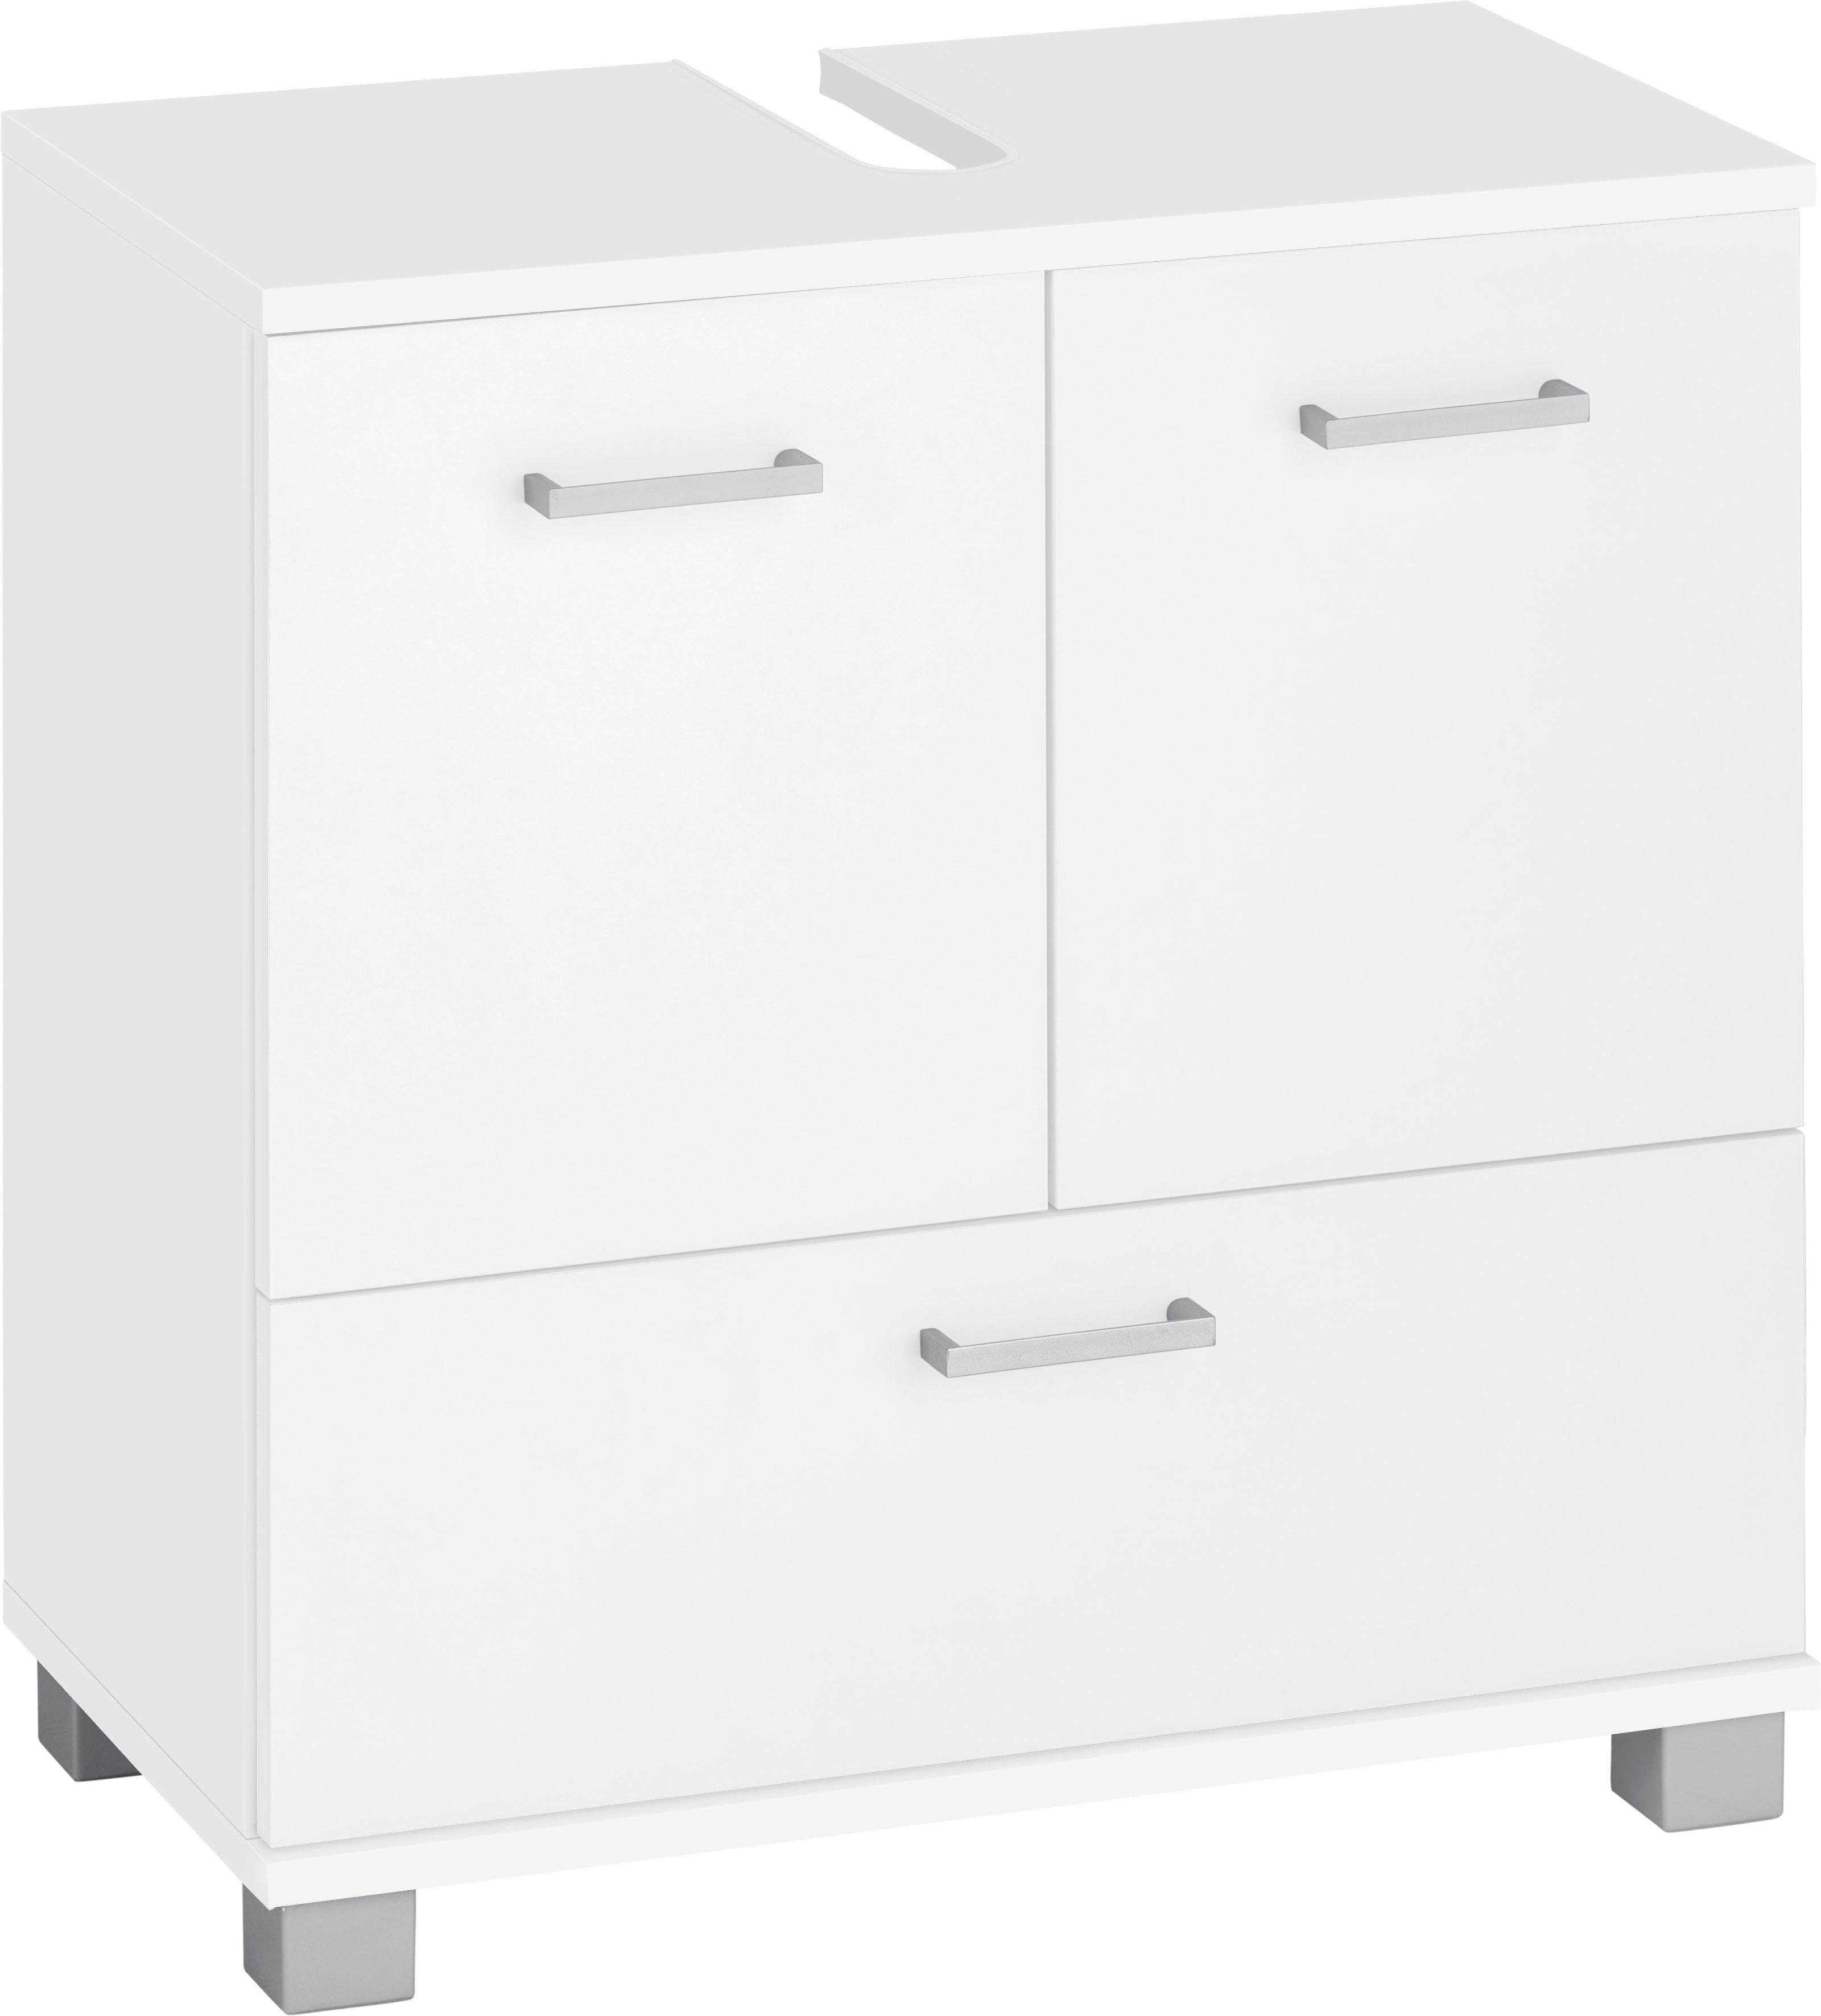 Schildmeyer wastafelonderkast Mobes Breedte x hoogte: 59,8x62,4 cm, badkamerkast met dubbele deur en klep, uitsparing voor afvoerleiding voordelig en veilig online kopen